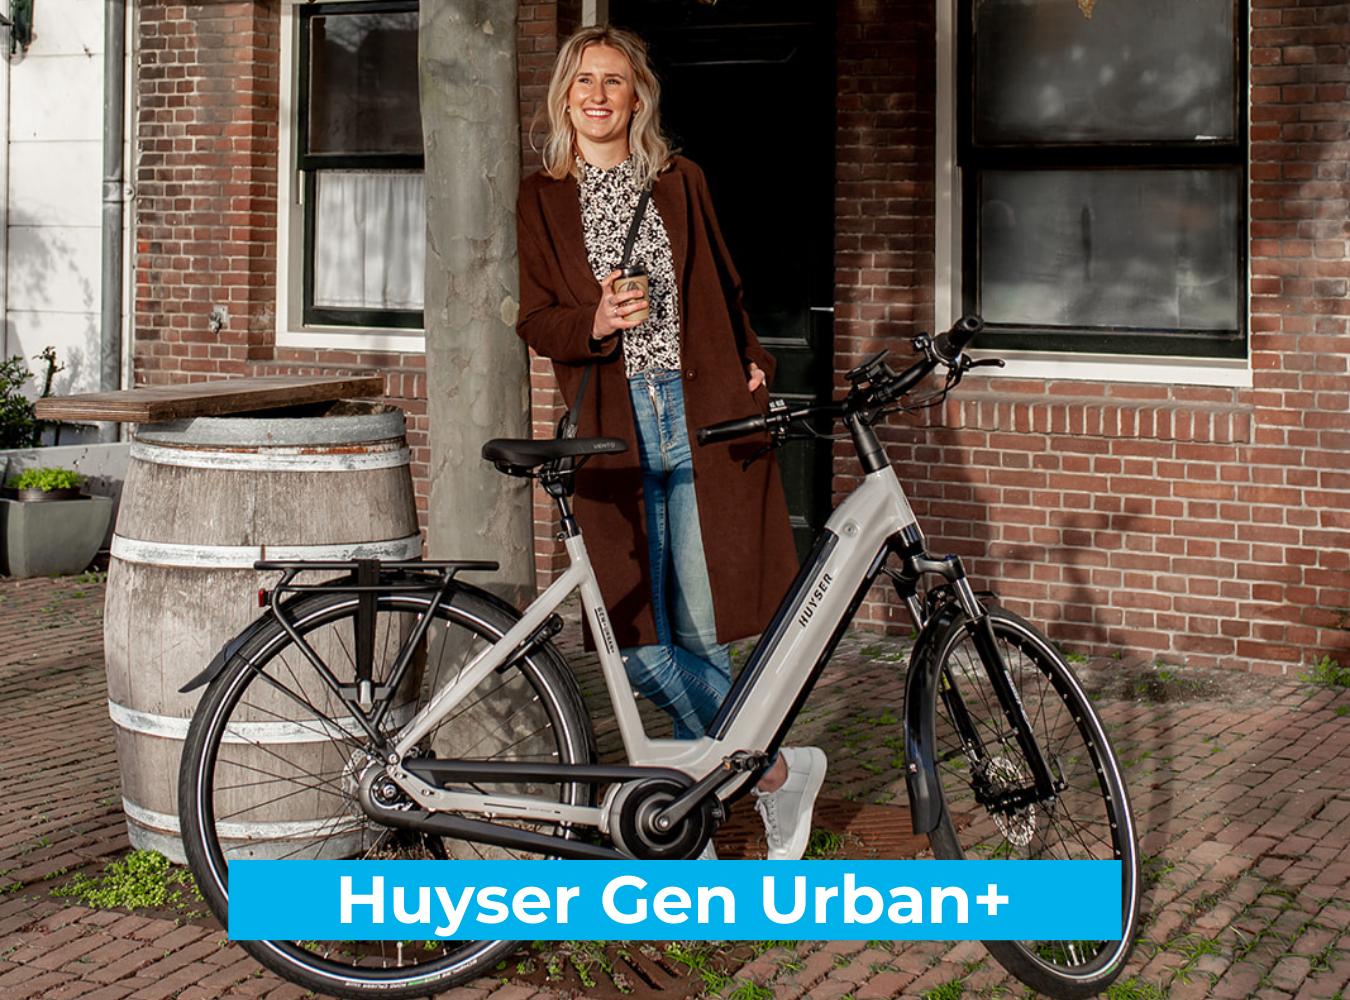 Koop de Huyser Gen Urban  online bij Fietsuniek.nl en profiteer van een gratis EPIC service-upgrade met complete fietsservice door fietsenmakers aan huis.